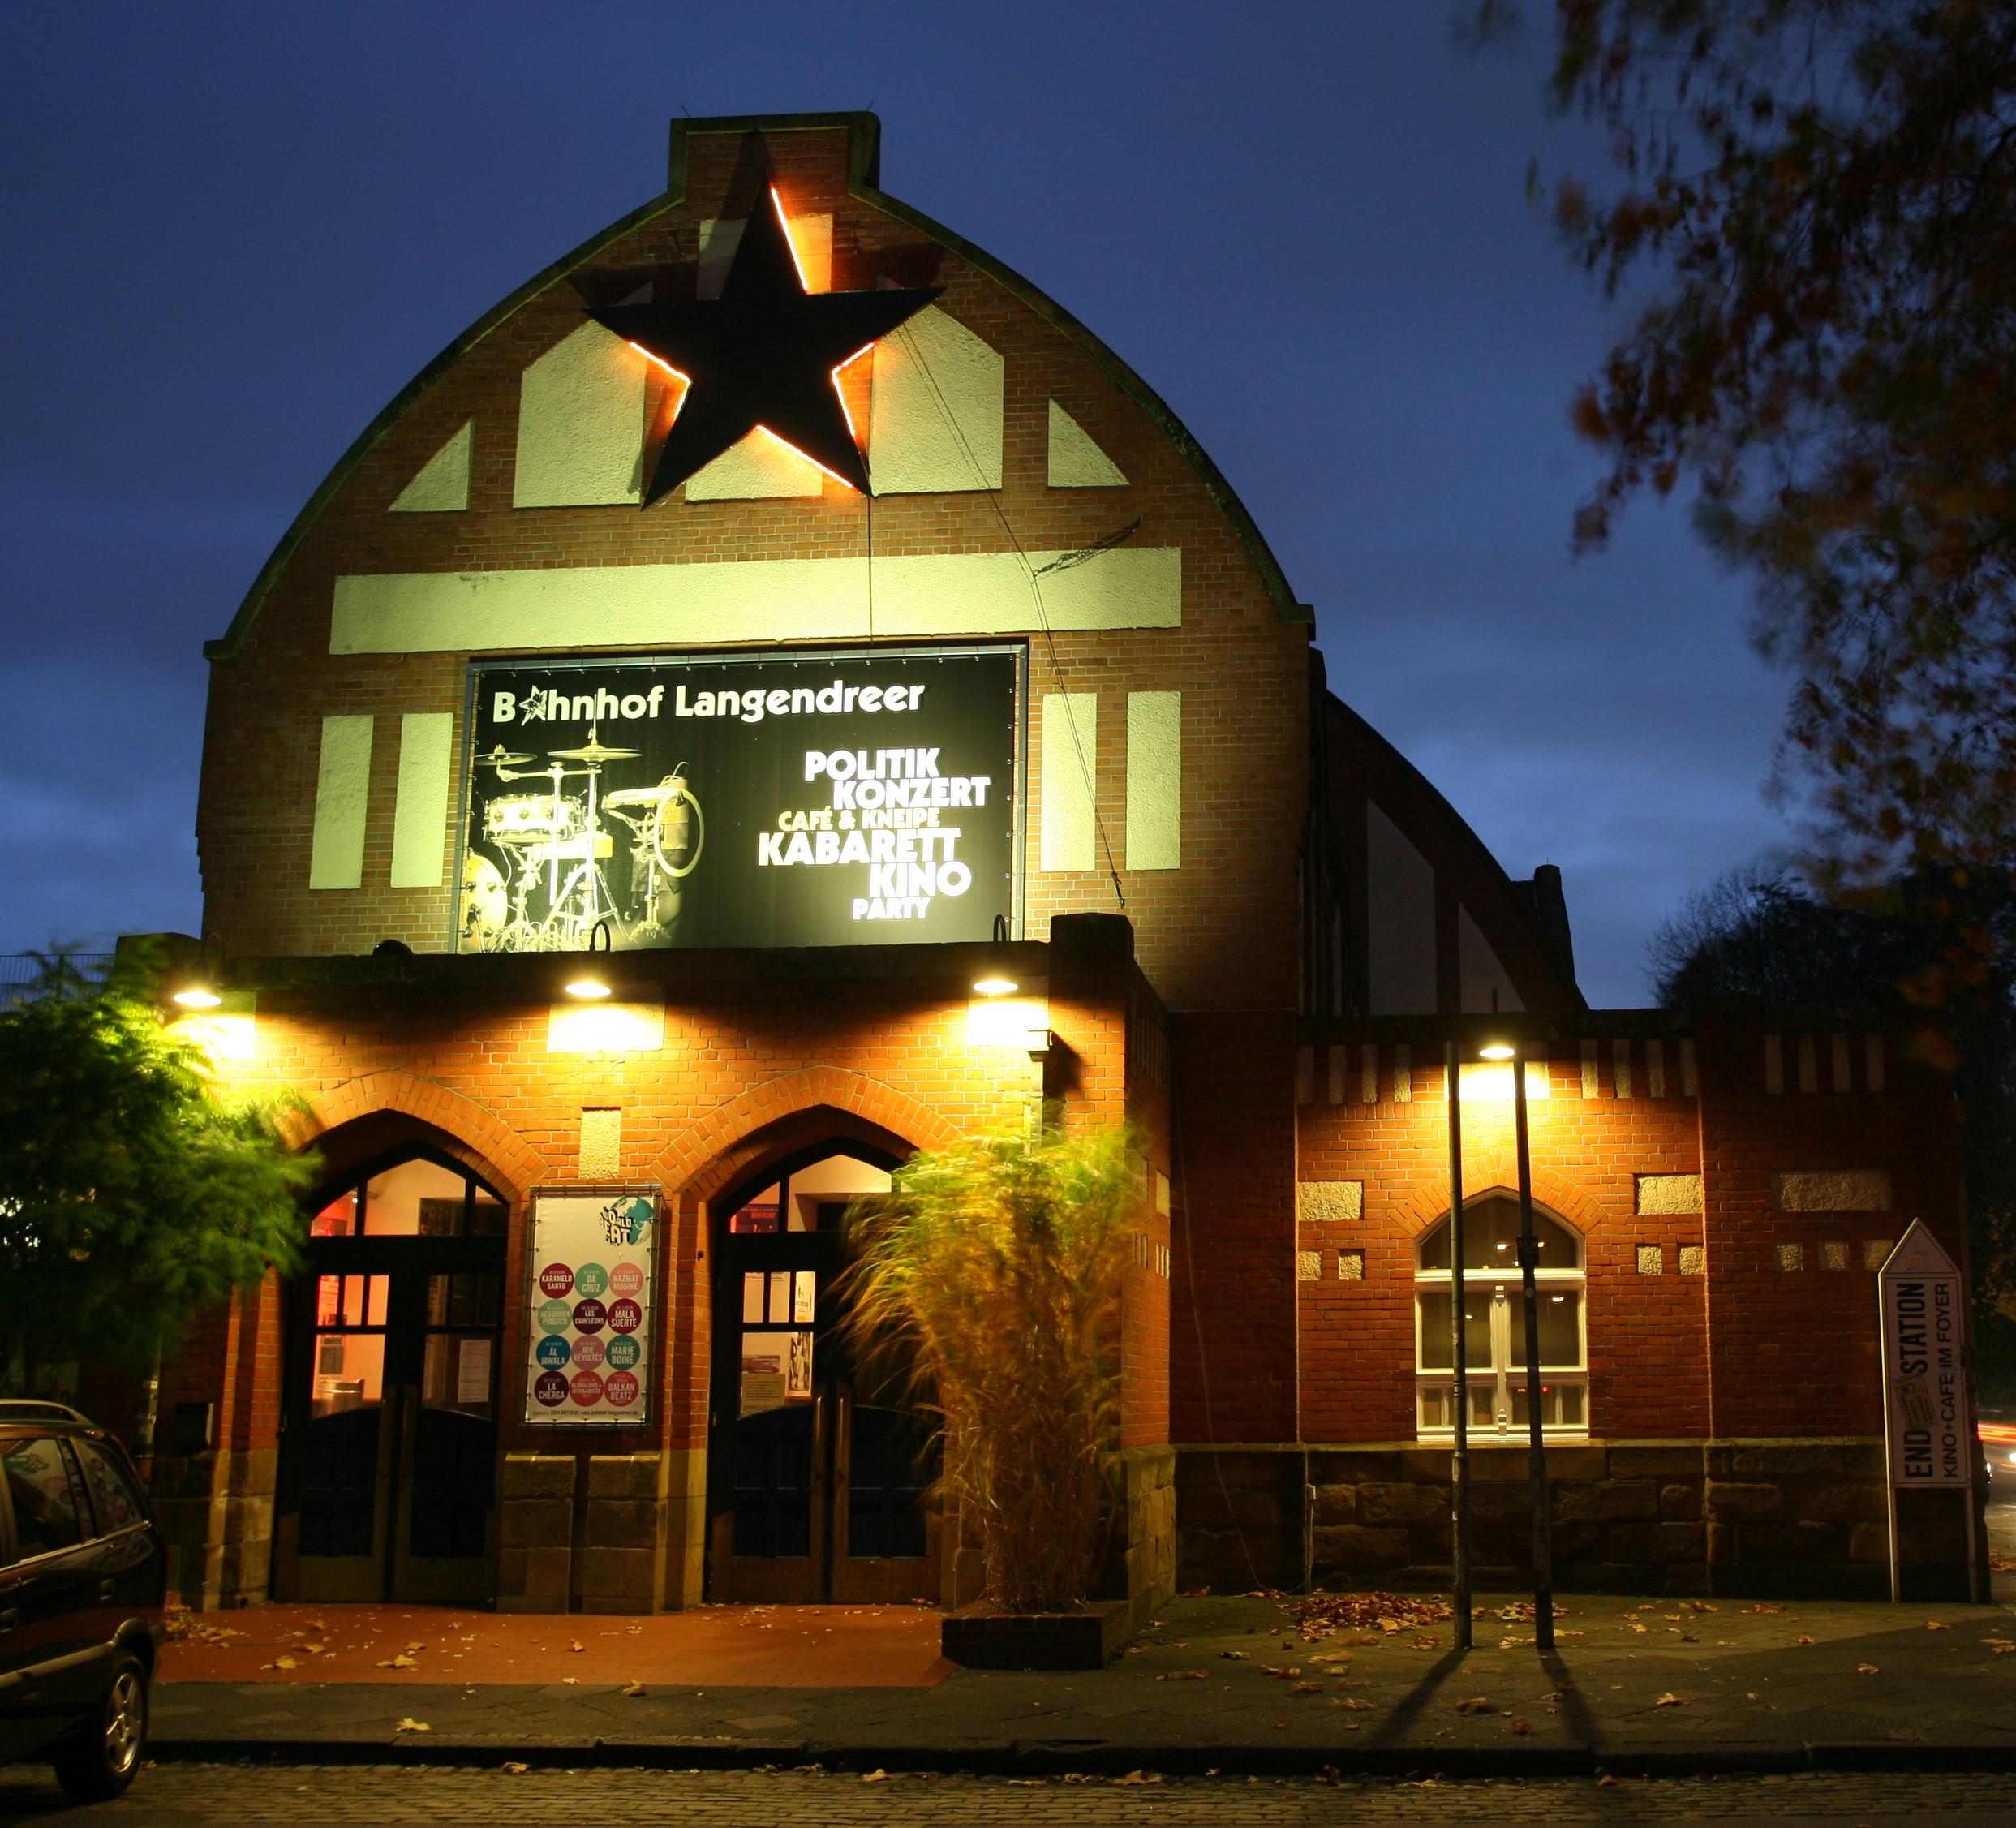 Bahnhof Langendreer – Soziokulturelles Zentrum Bochum